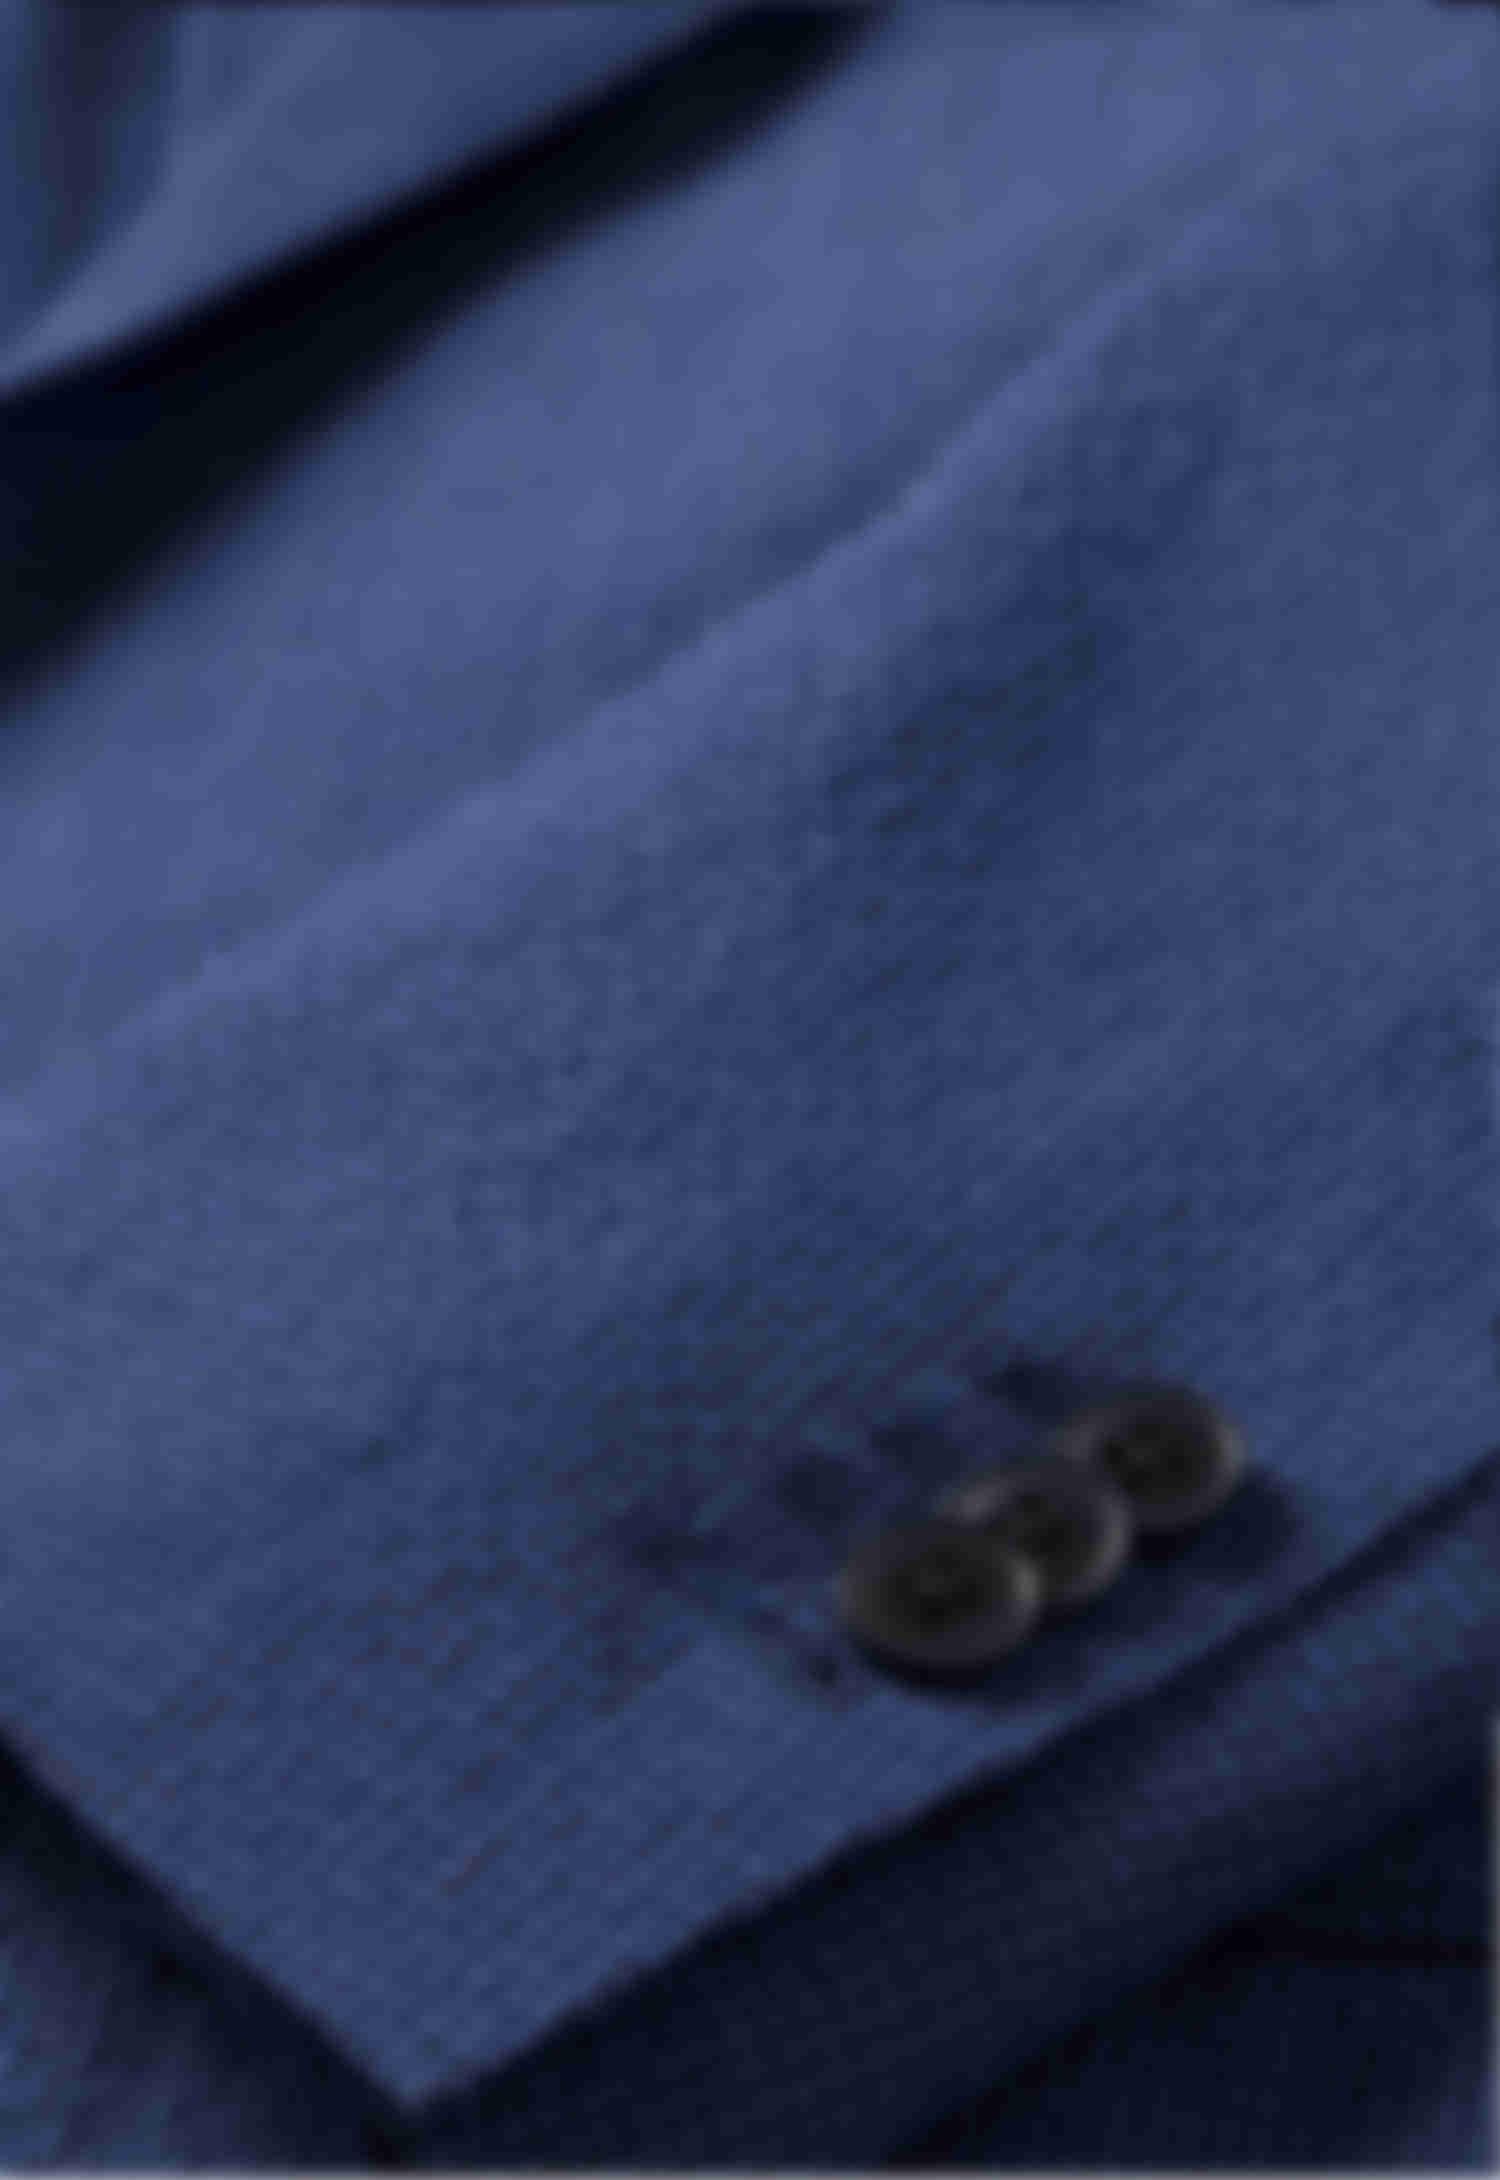 Détail boutonnière ouverte manche veste seersucker bleu